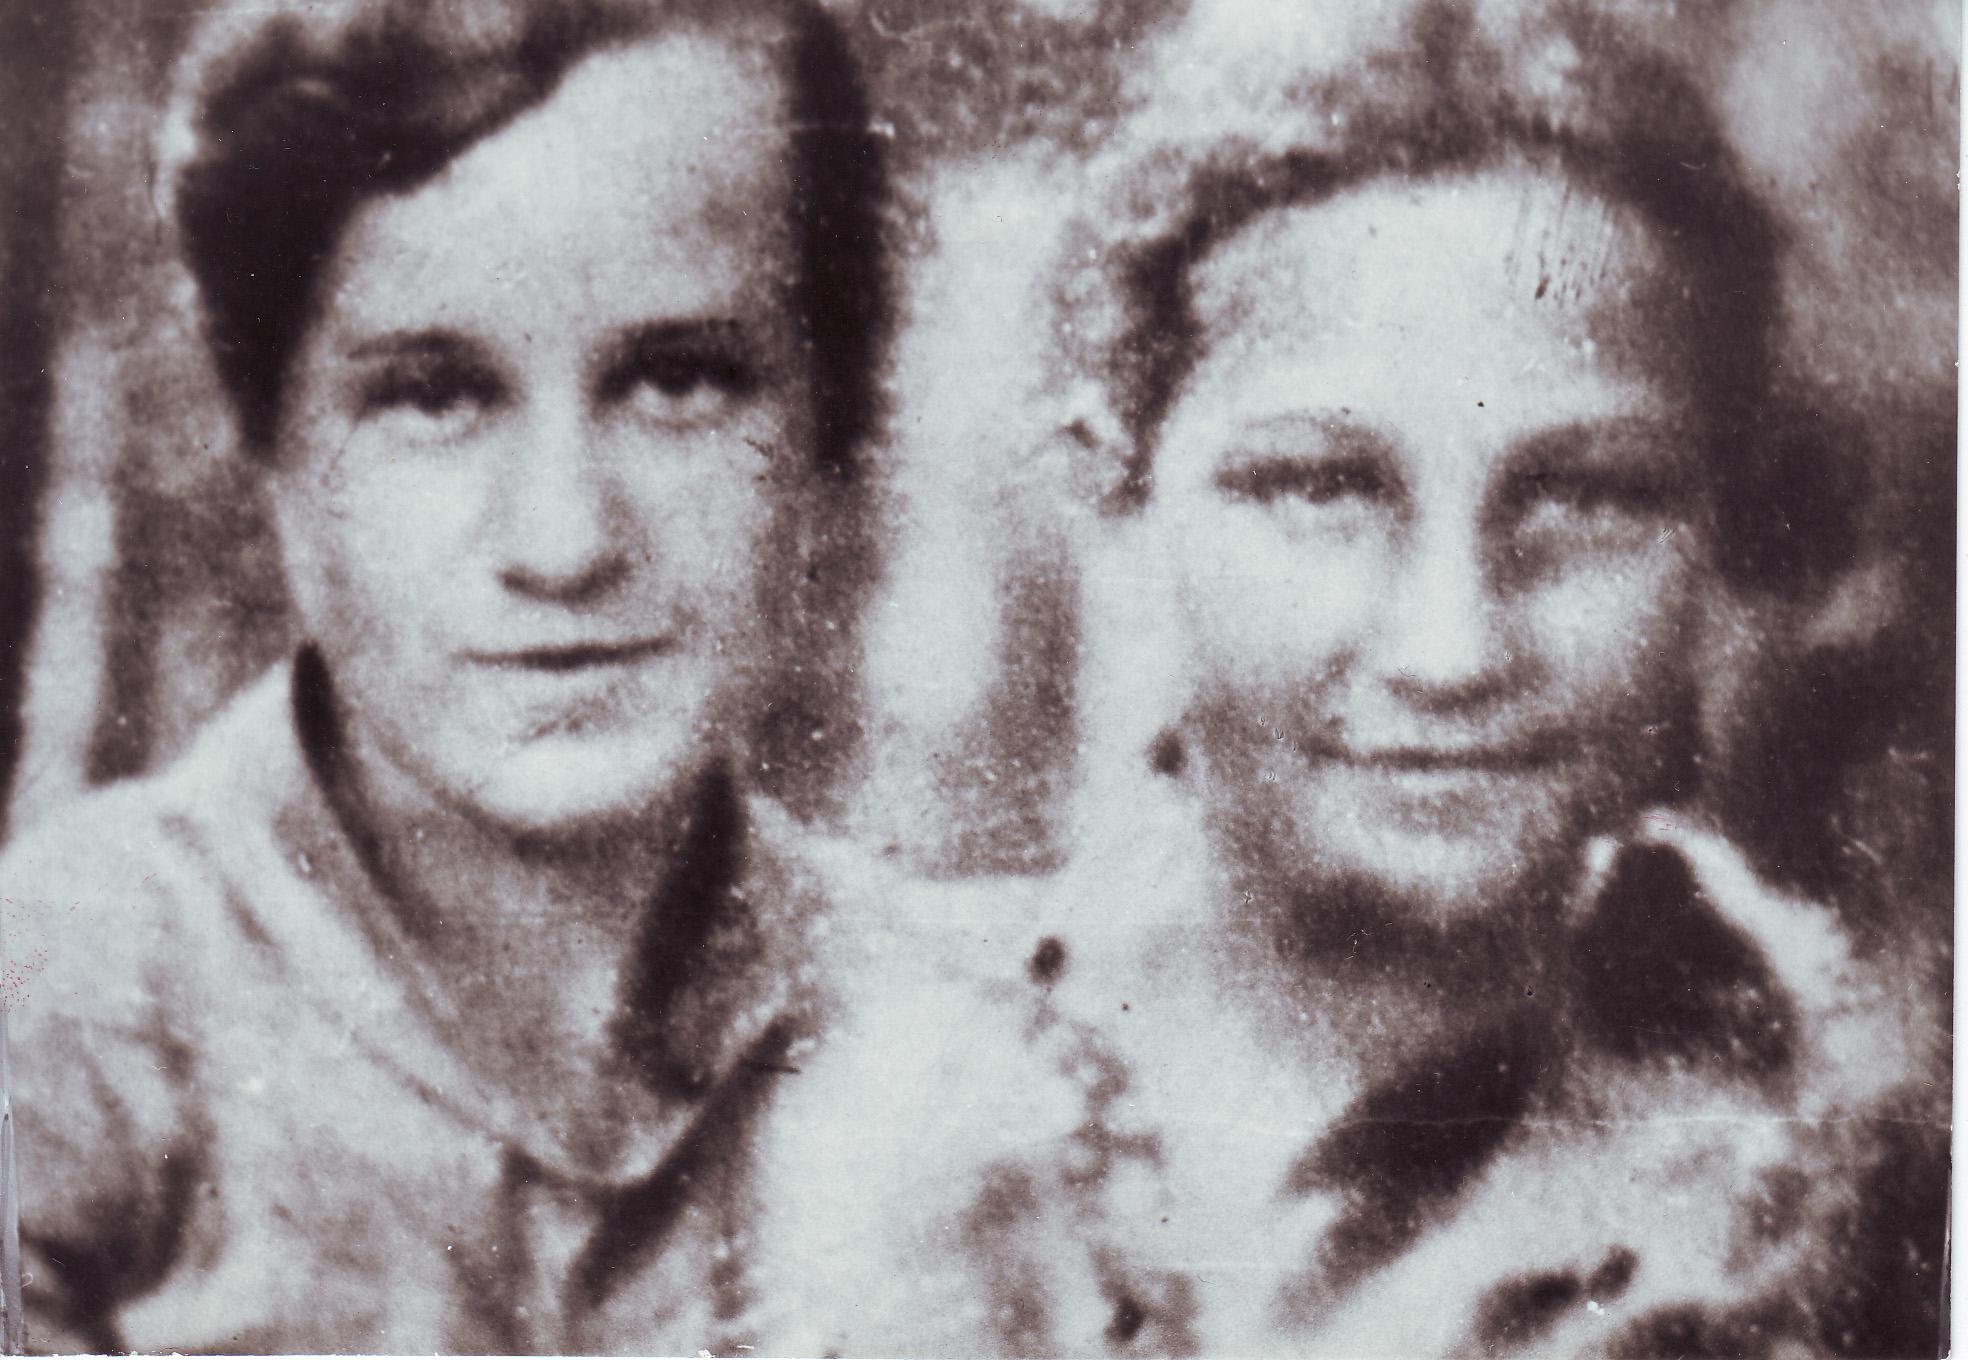 Зоя Космодемьянская с тётей Ольгой Тимофеевной Чуриковой, старшей сестрой Л. Т. Космодемьянской. 1936 год.